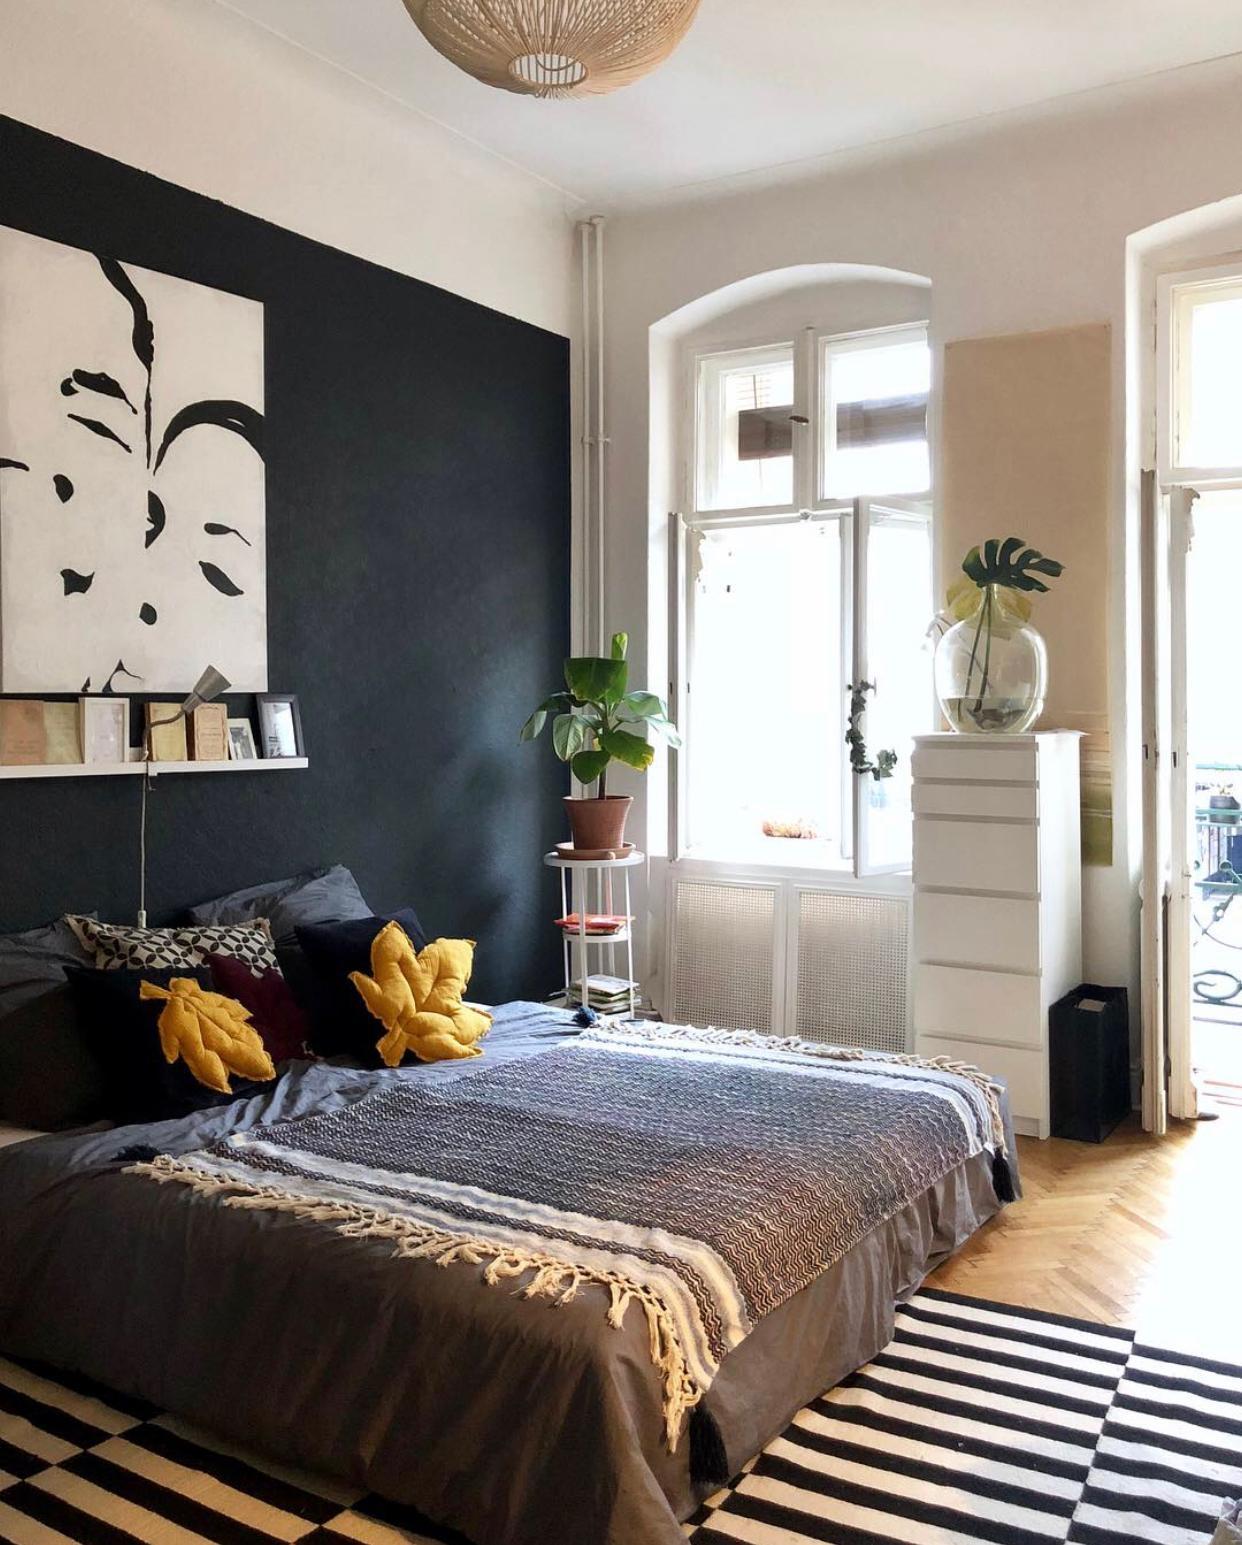 schlafzimmer berlin altbau parkett schwarzewand